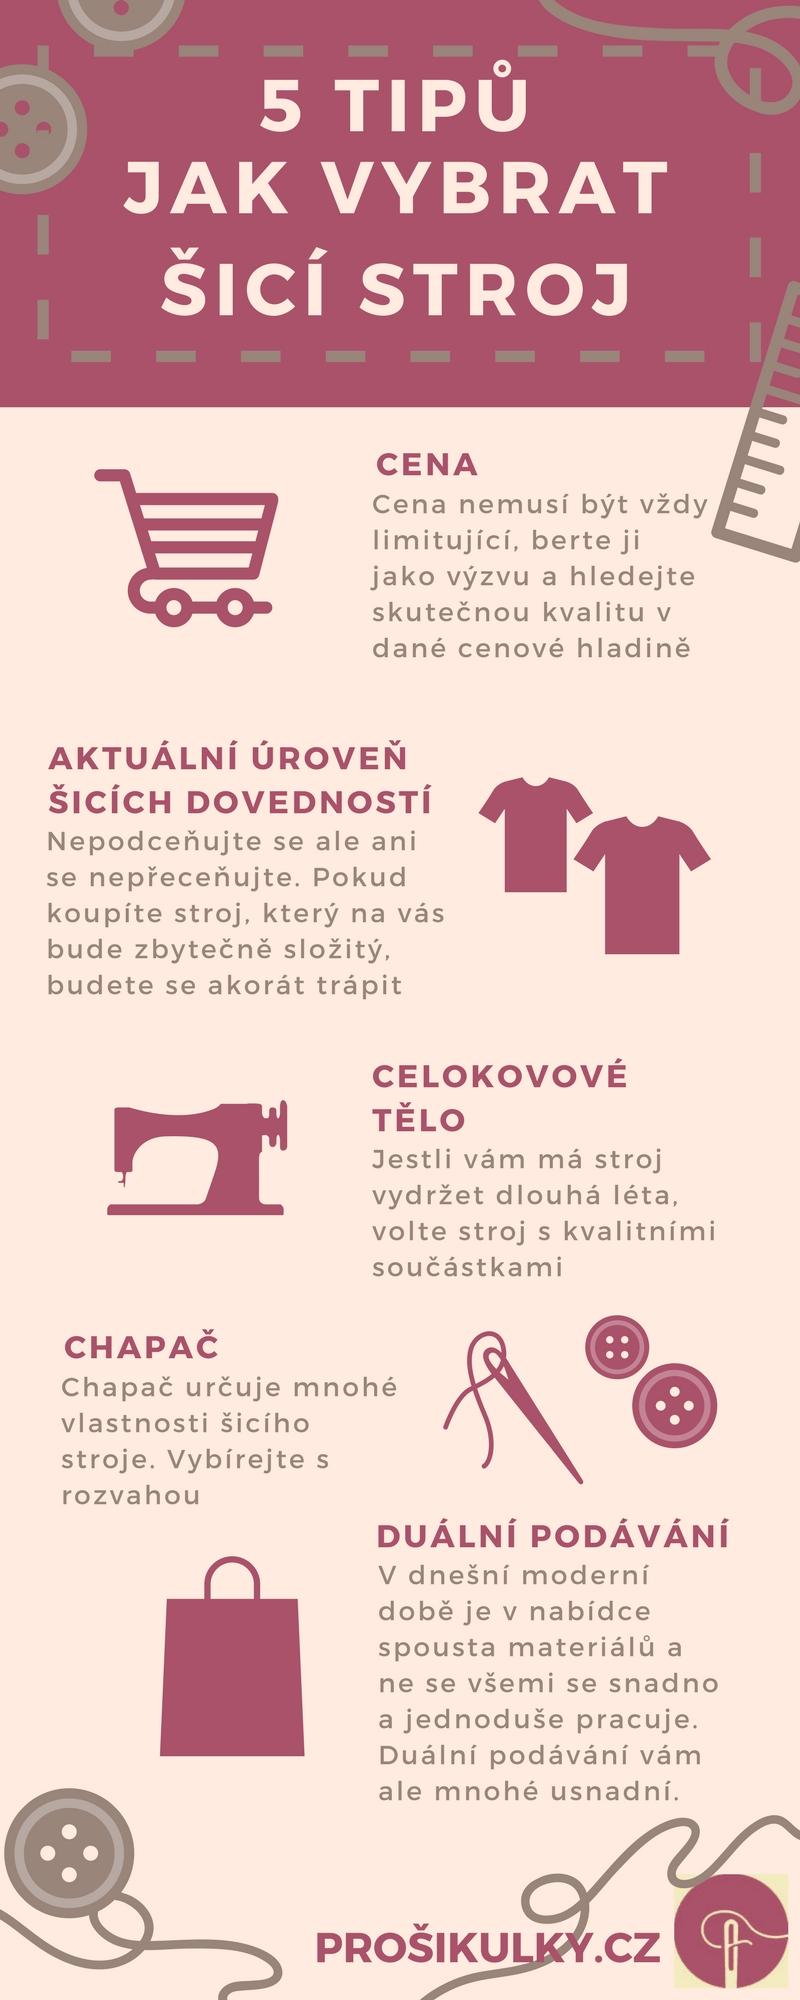 Jak vybrat šicí stroj